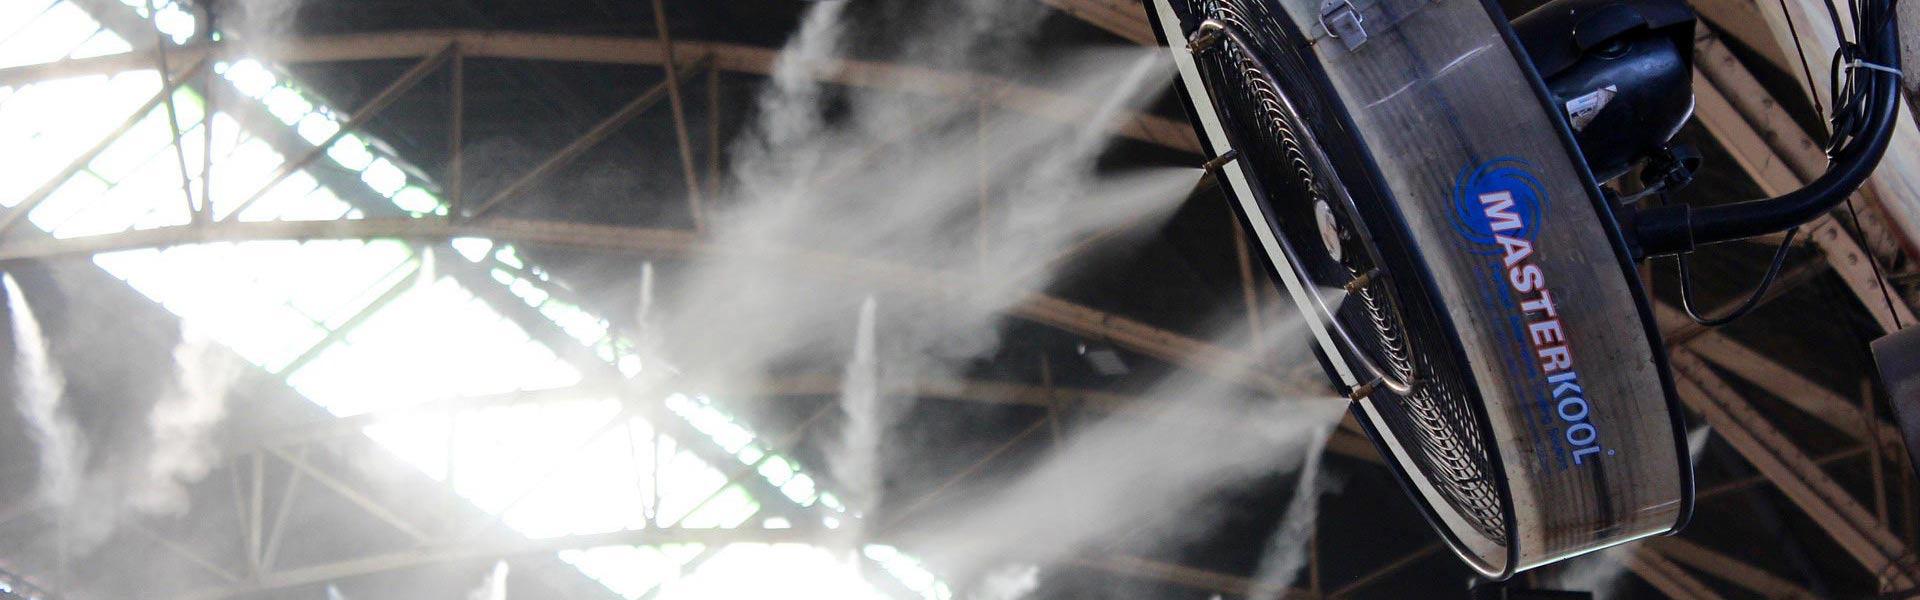 Frischluft - Luftbefeuchter Test